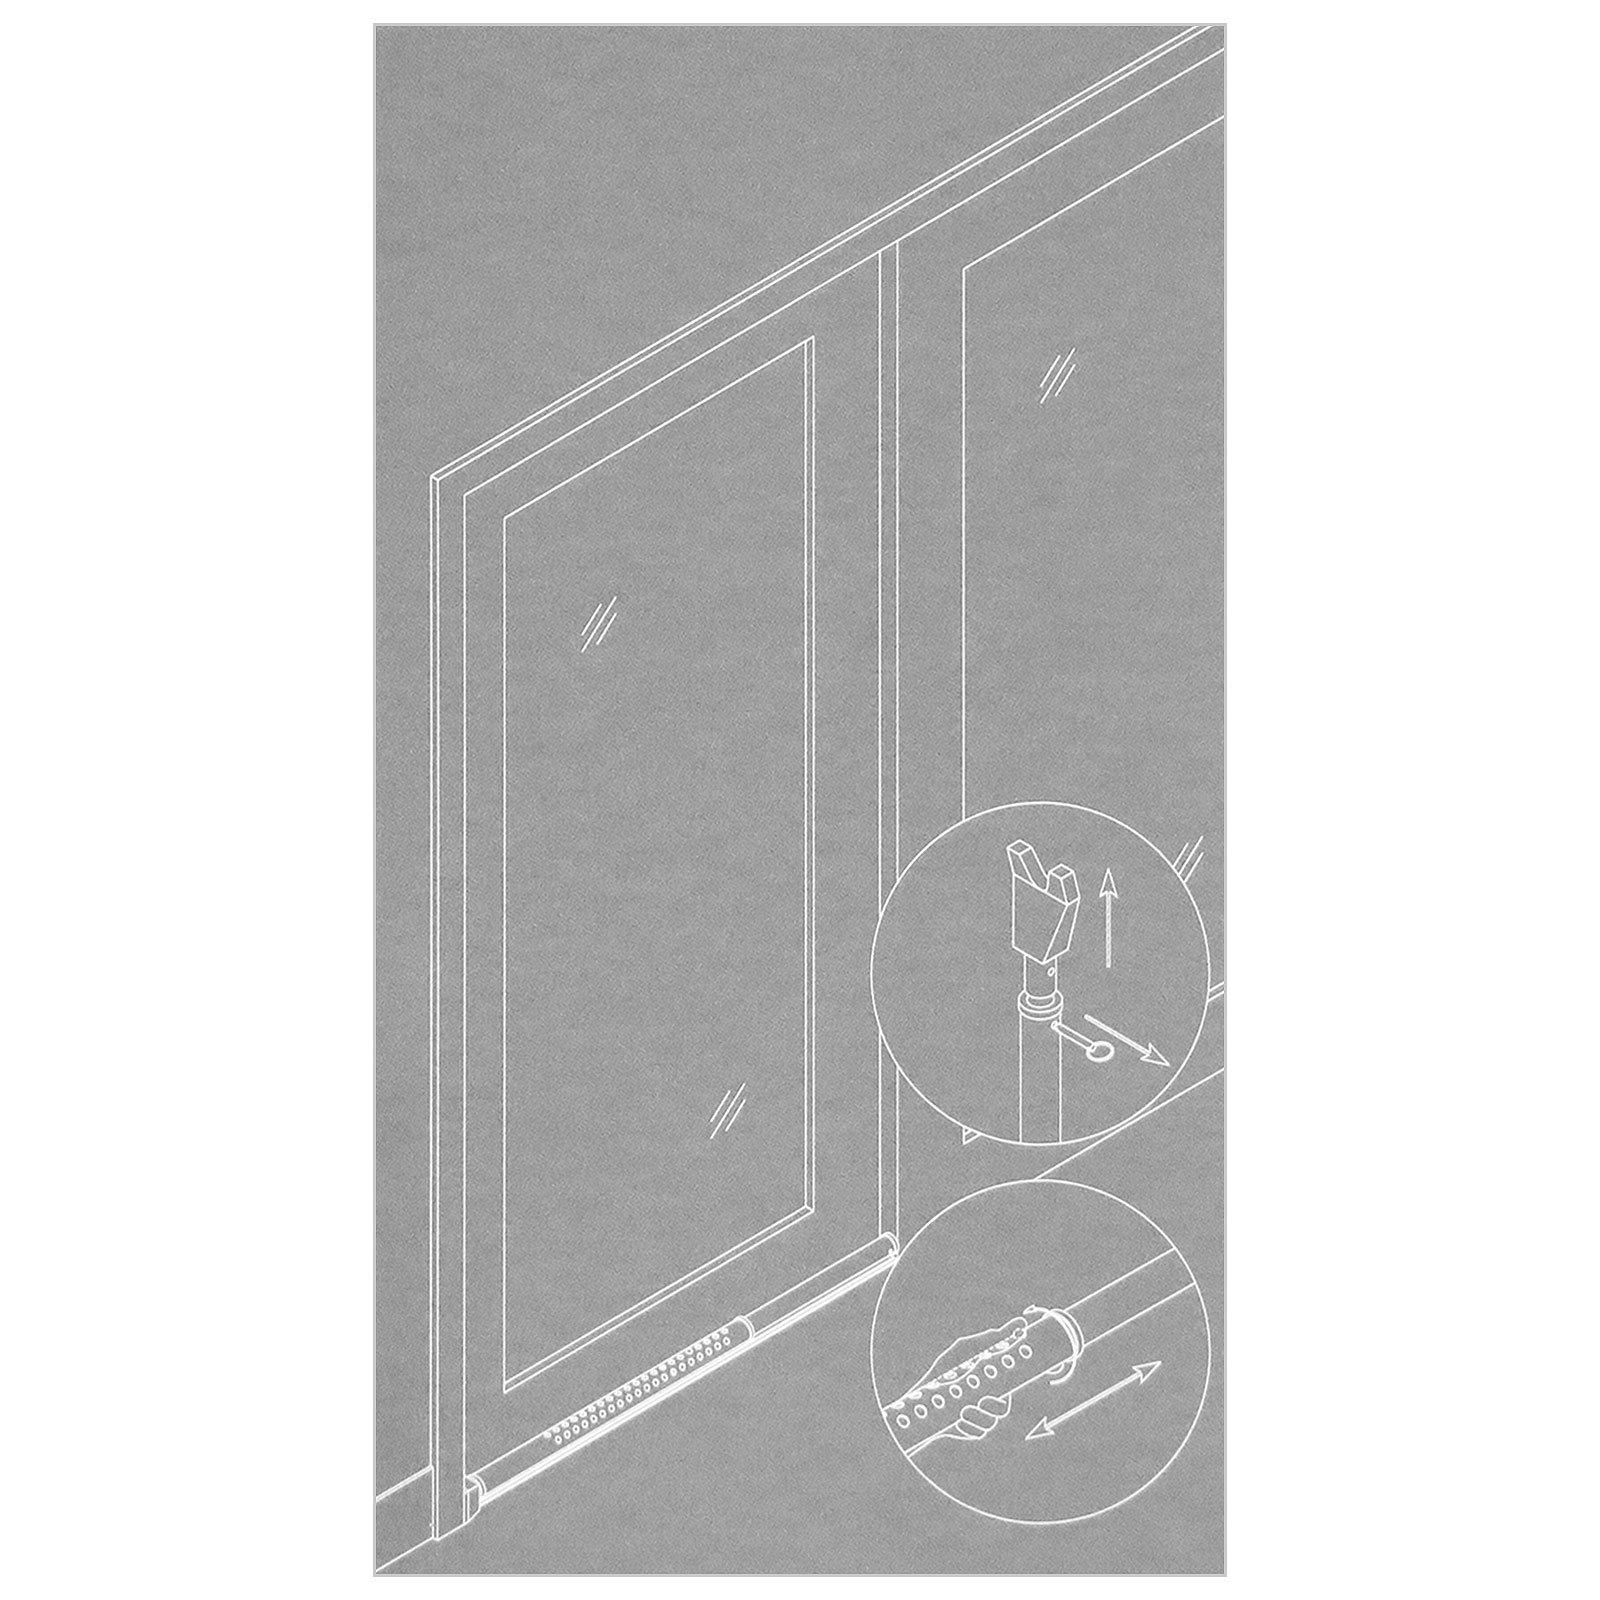 Basi® 2 x Puerta de seguridad Barra 700 – 1.100 mm telescópico ...